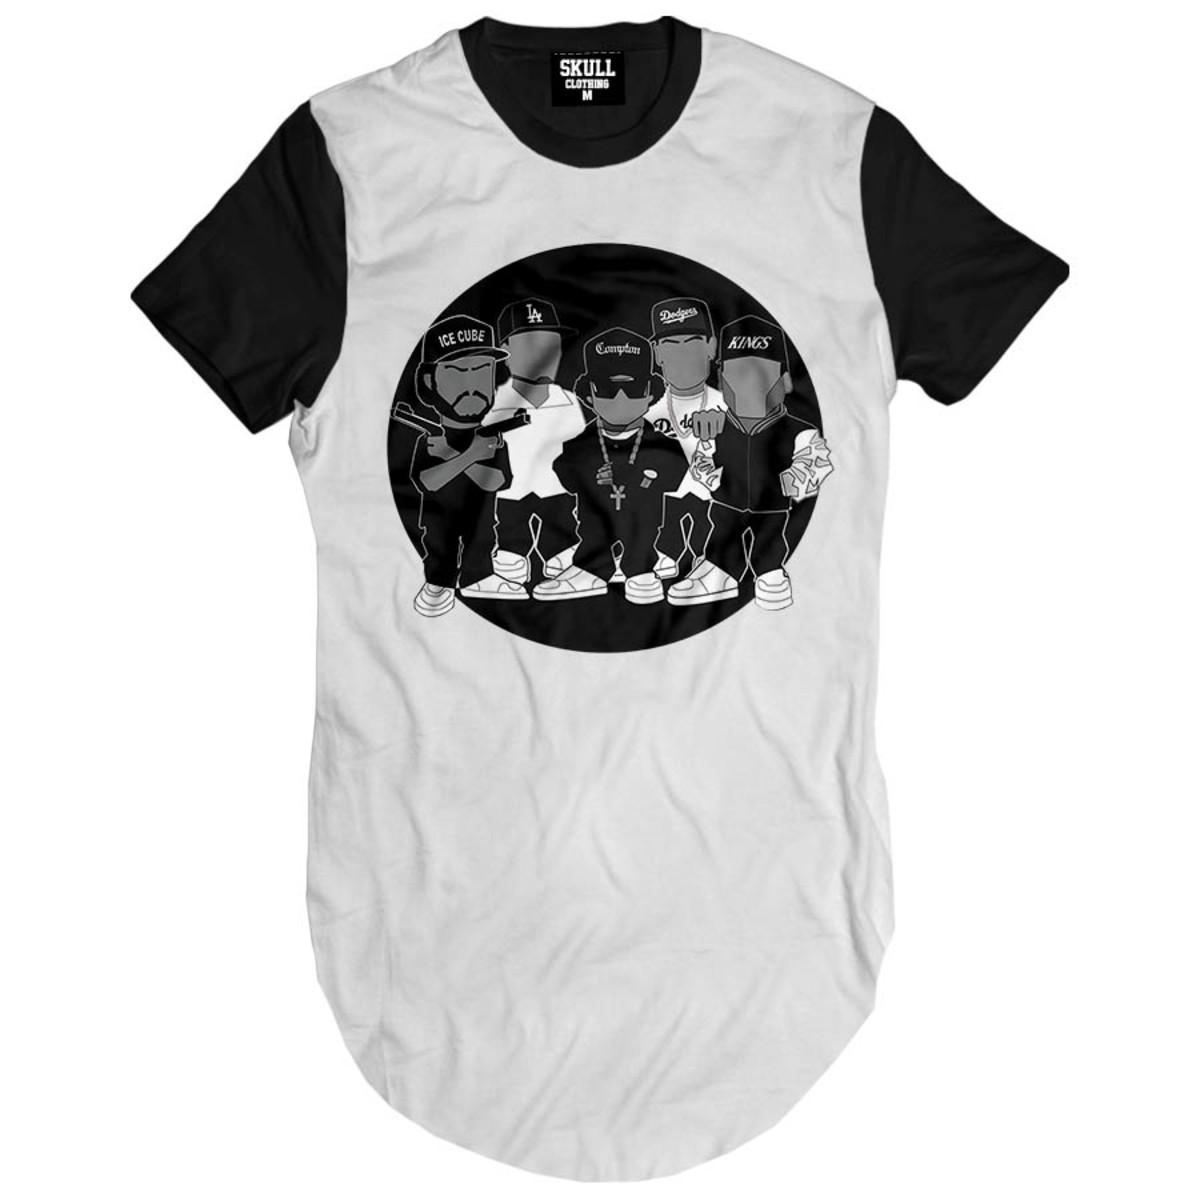 38a16ebc09 Camiseta alongada rappers masculina swag camisa longa no elo jpg 1200x1200 Swag  camisetas masculina